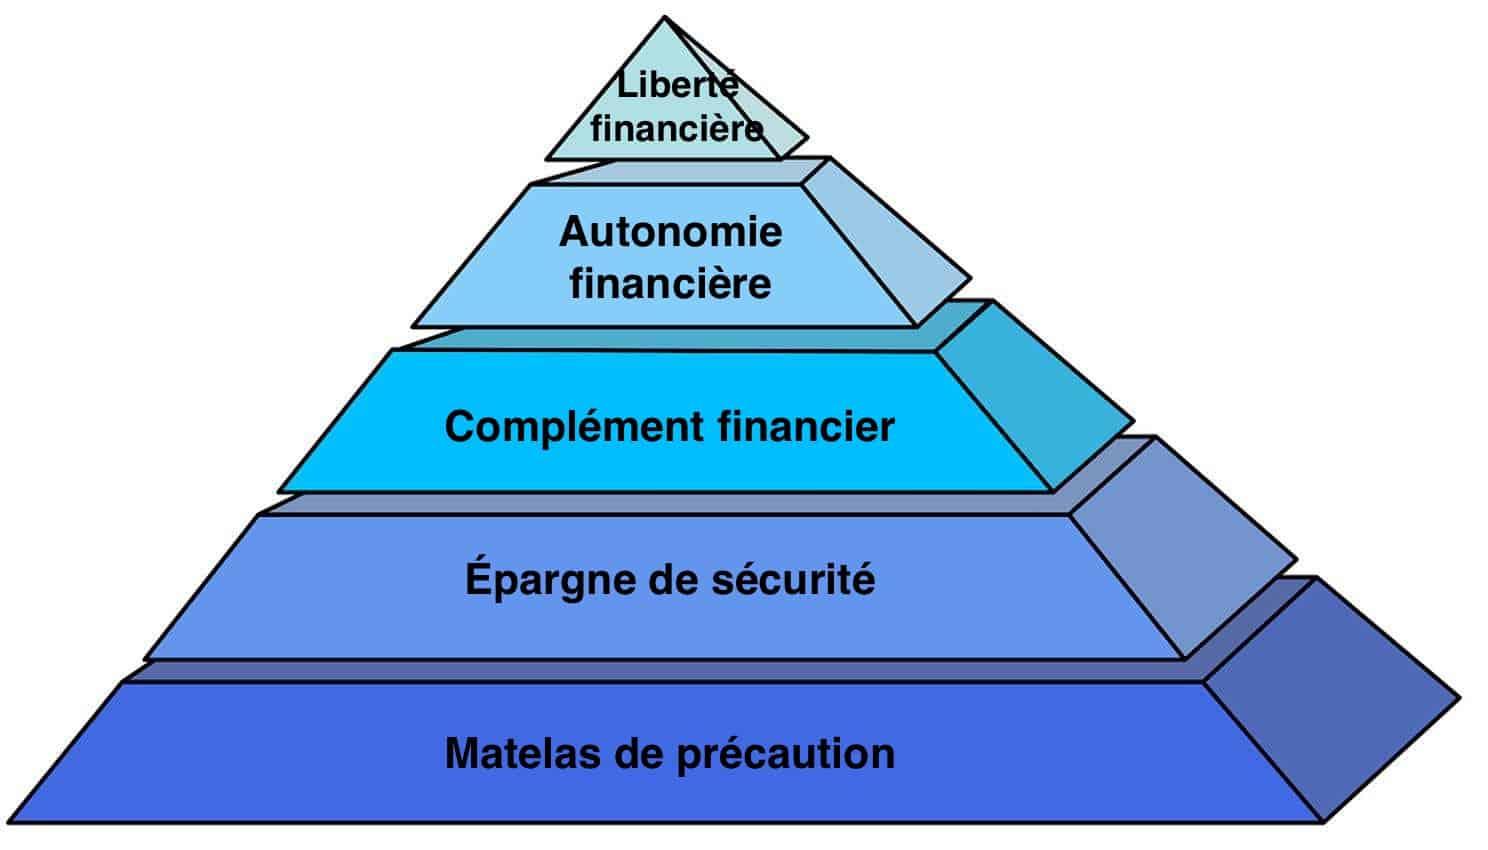 La pyramide de Maslow avec les étapes pour atteindre la liberté financière.